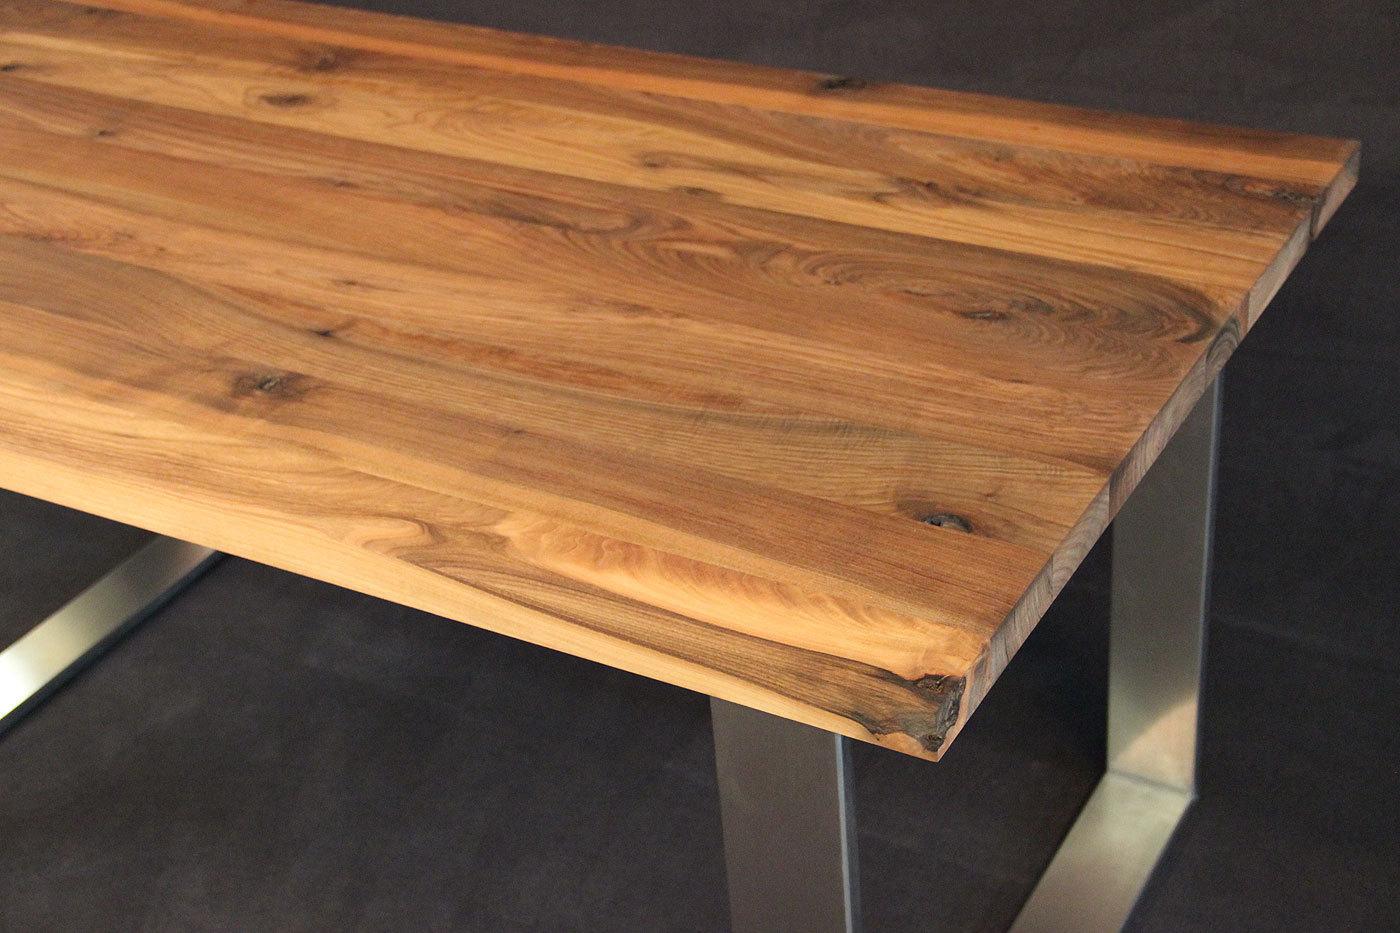 Tischplatte massivholz kaukasischer nussbaum rustikal ohne for Massivholz tischplatte